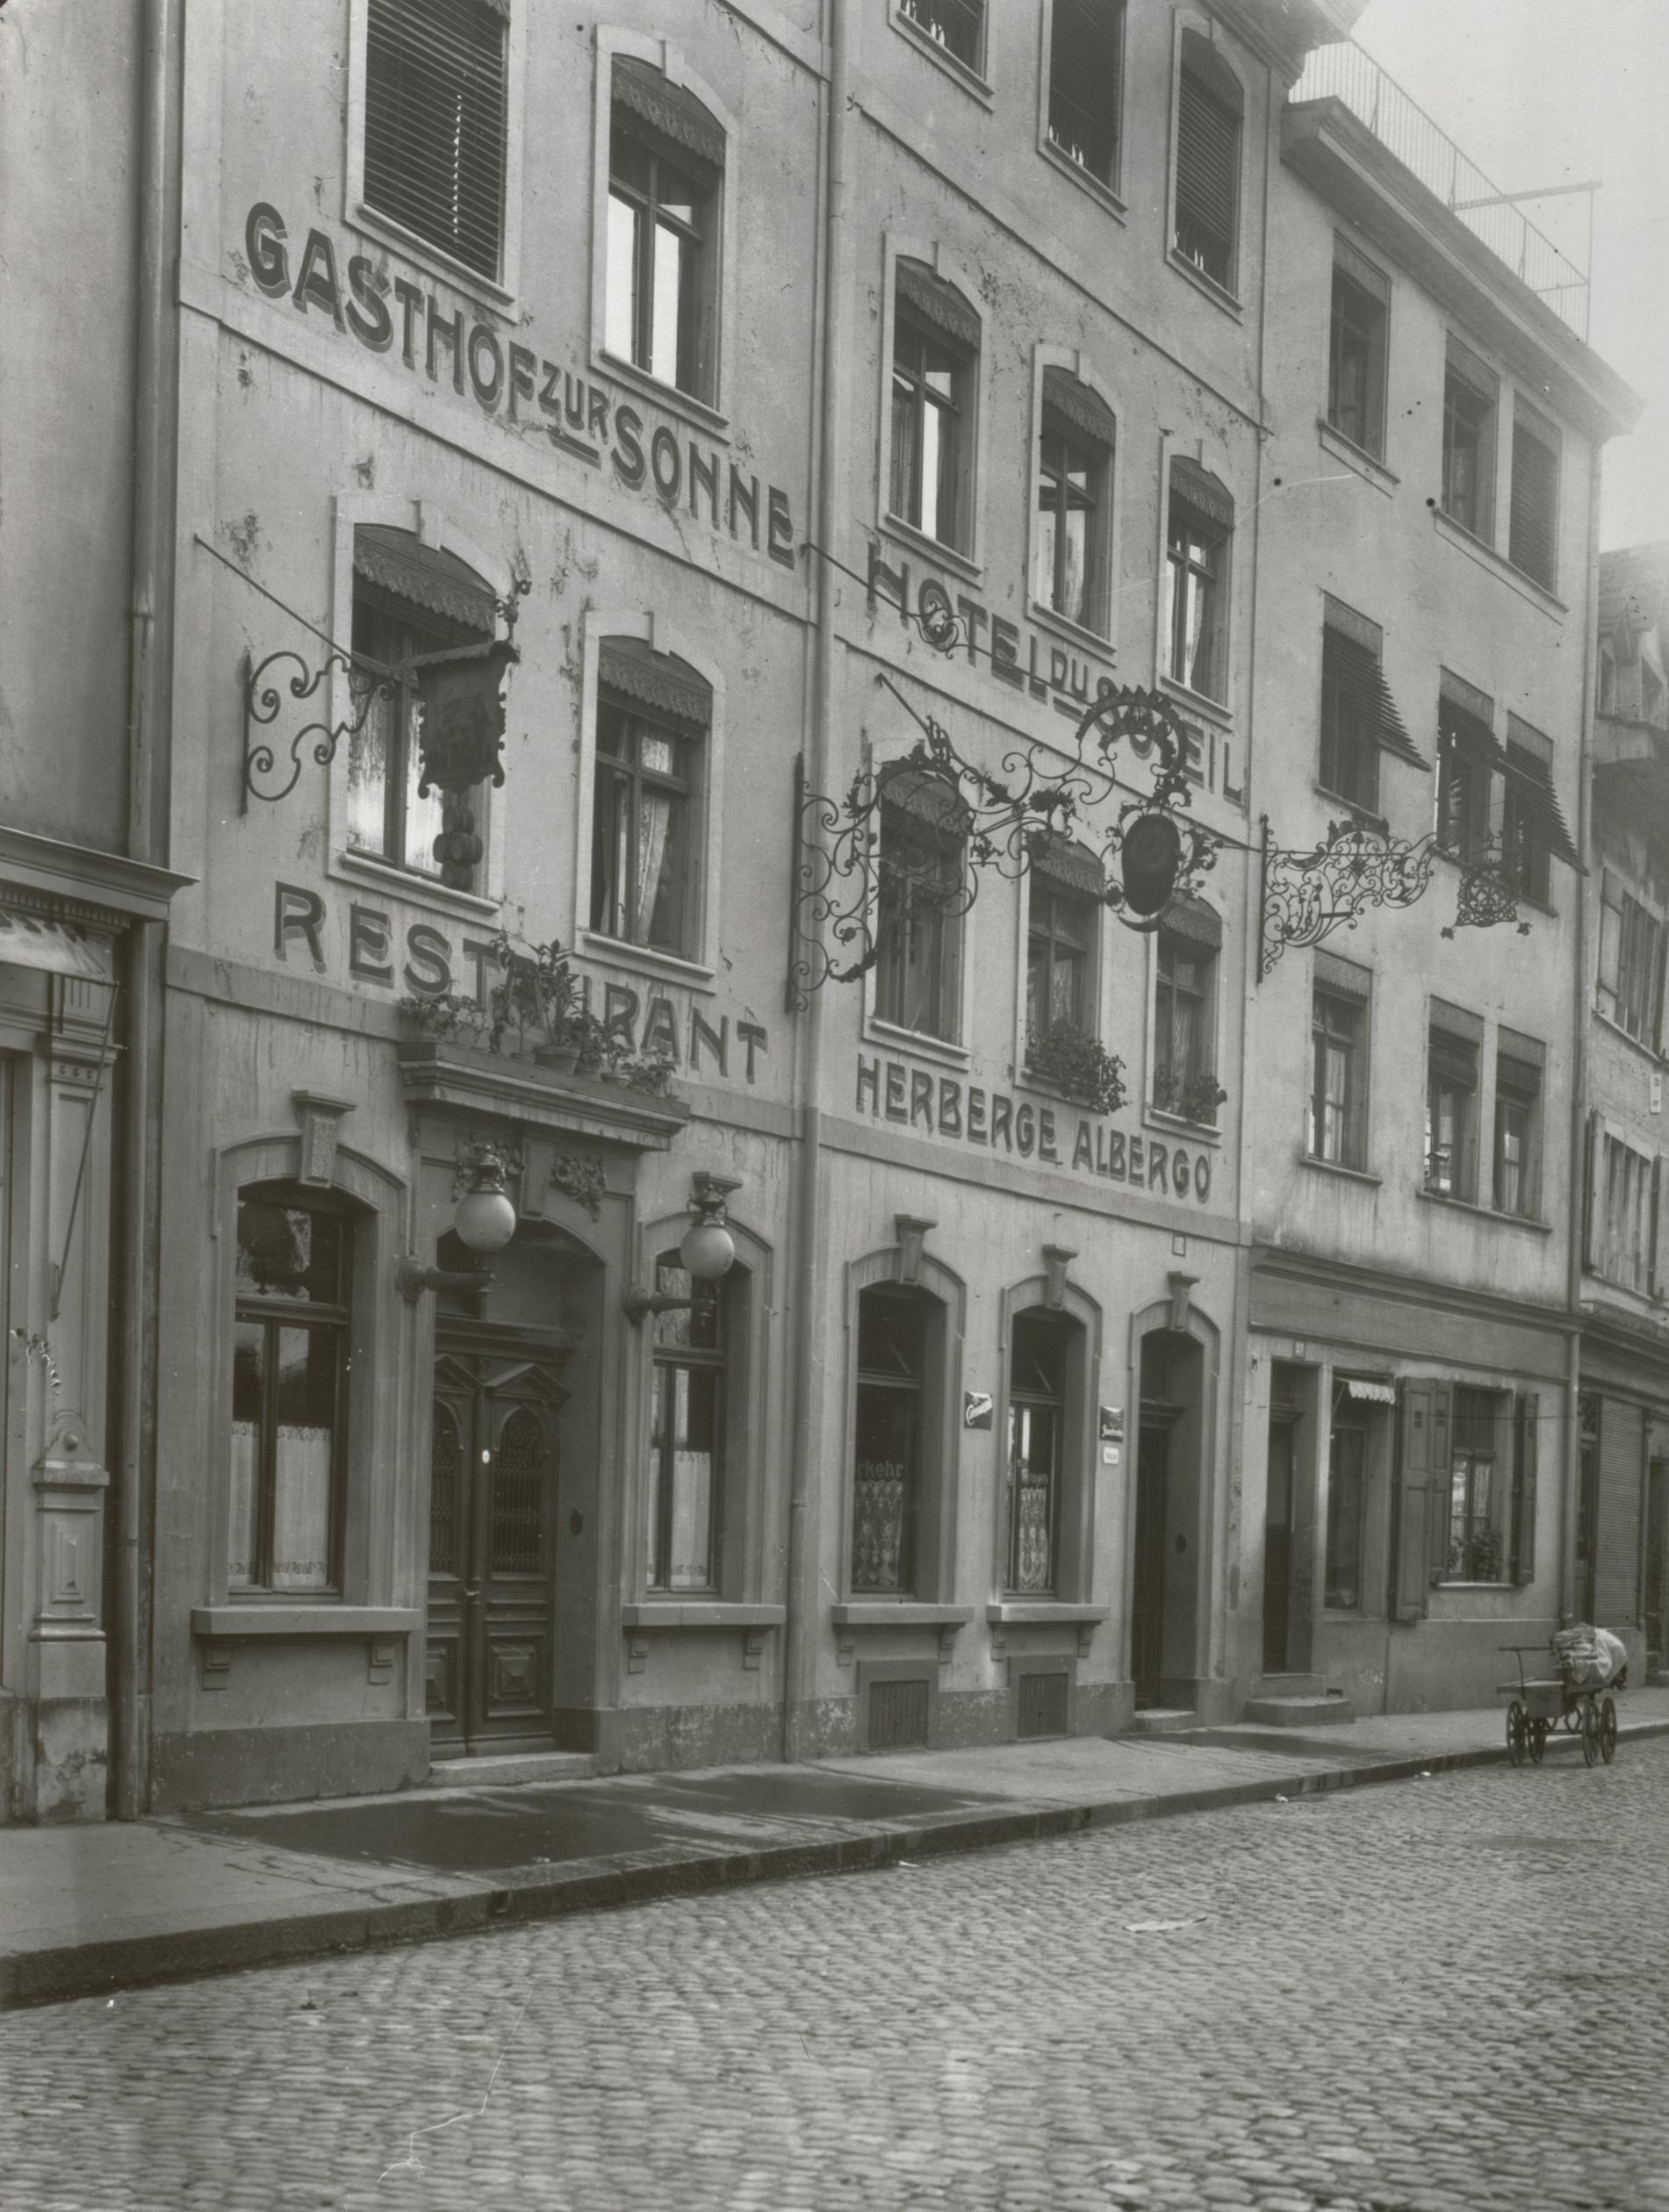 Der Gasthof zur Sonne mit seinen verschwundenen schmiedeeisernen Wirtshausschildern (1915)